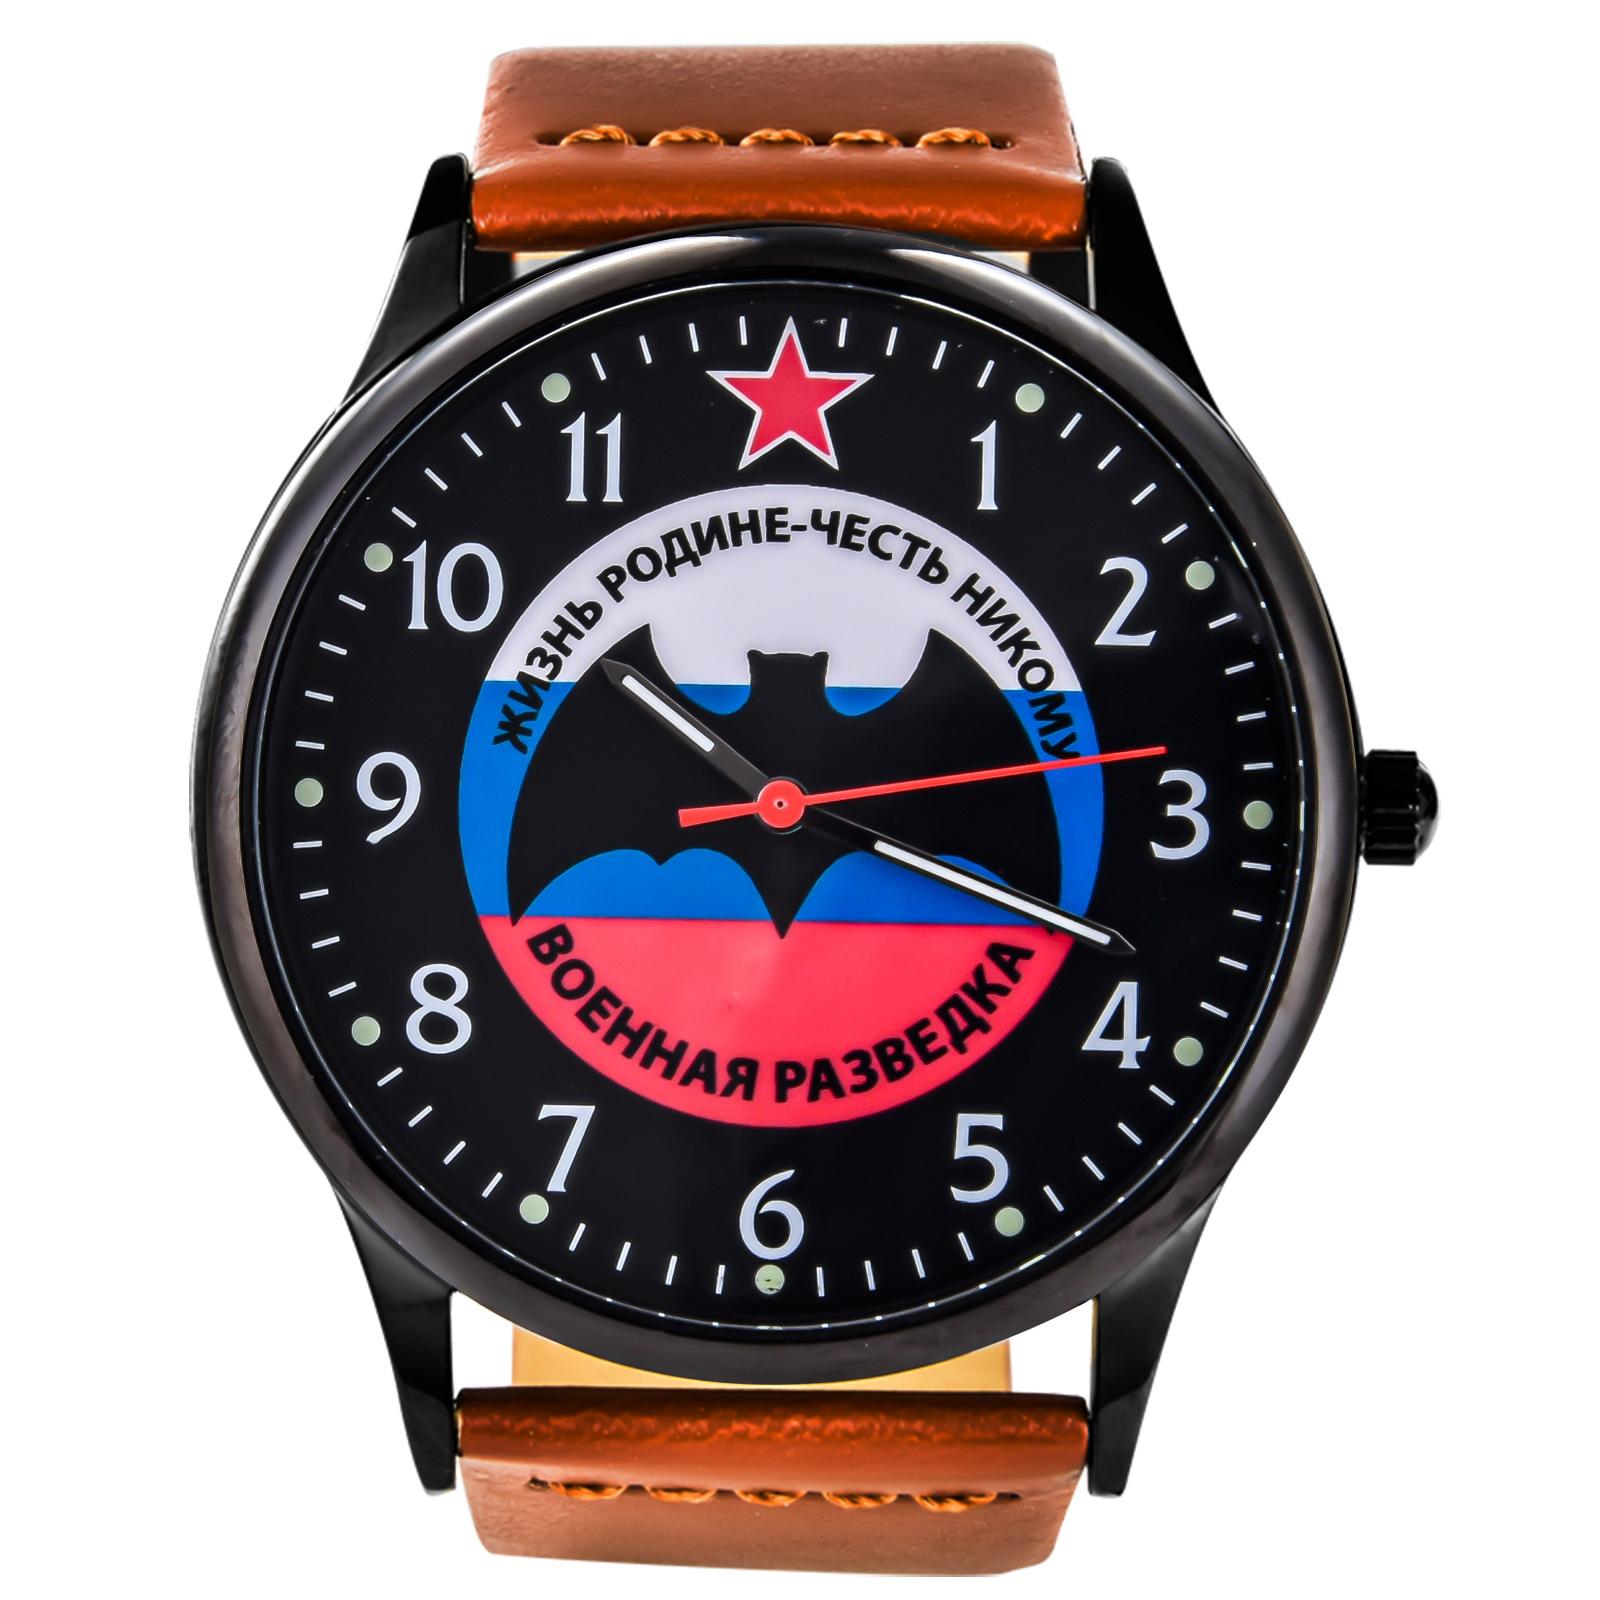 Наручные часы Военная разведка купить в Военпро